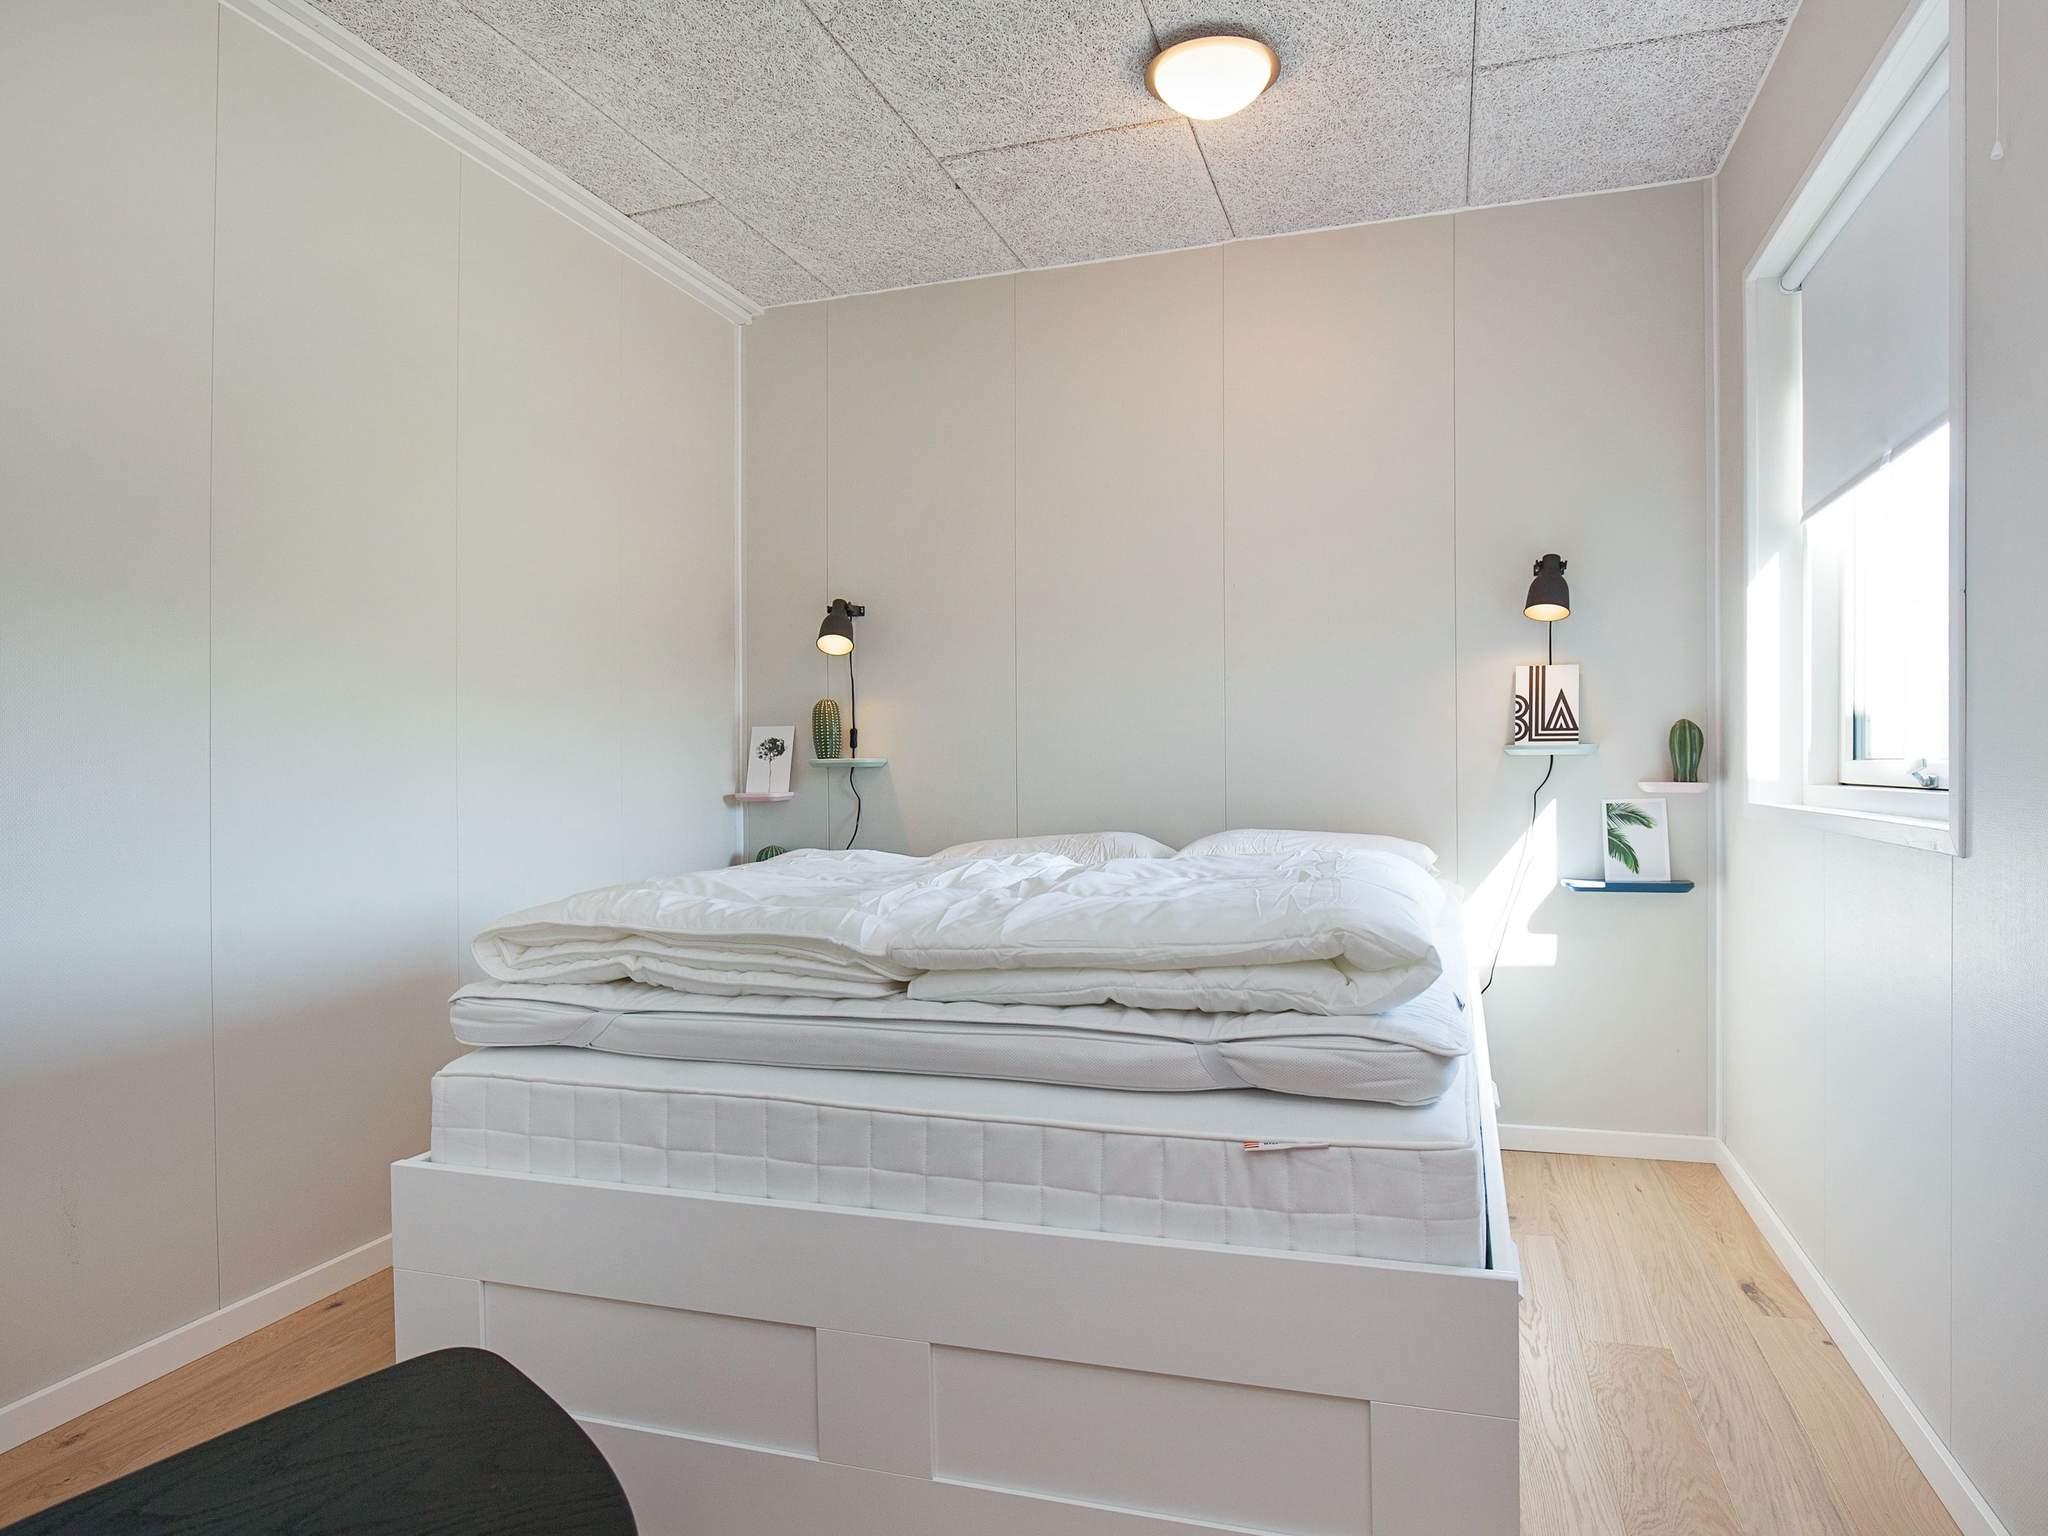 Ferienhaus Handbjerg (2405782), Handbjerg, , Westjütland, Dänemark, Bild 8